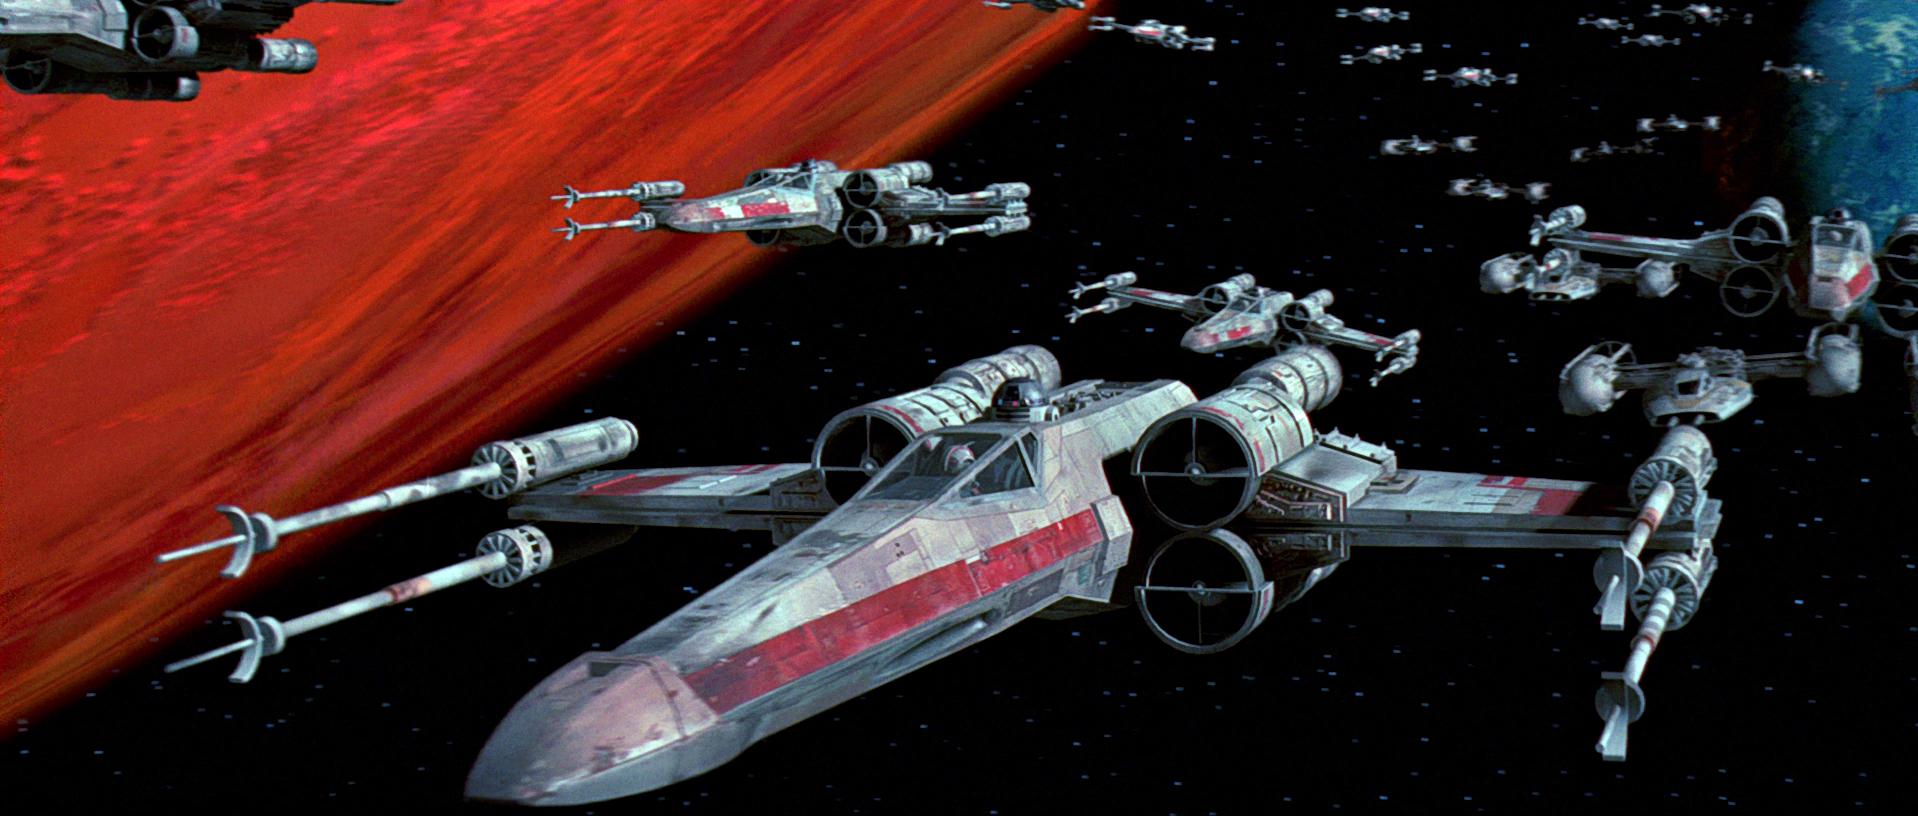 Legends Operacao Skyhook Star Wars Wiki Em Portugues Fandom